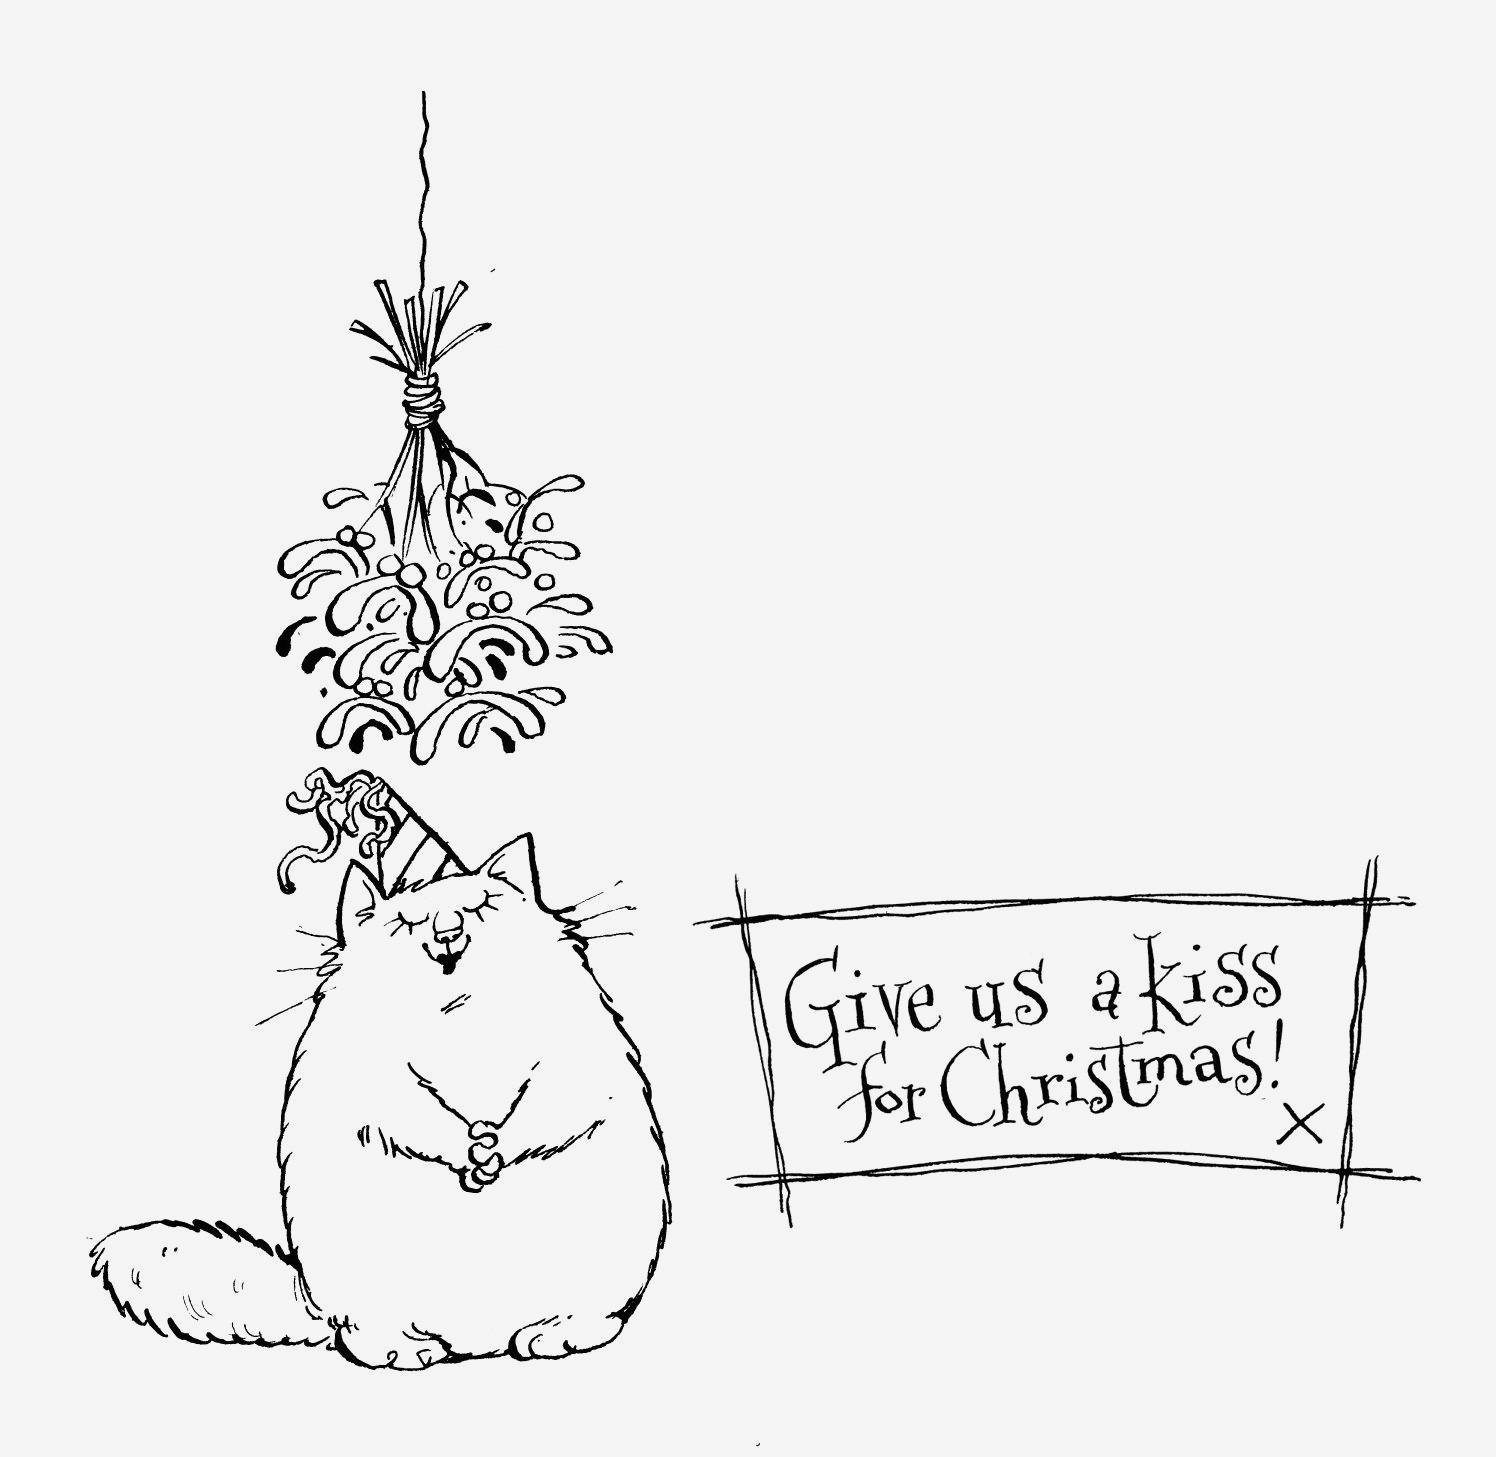 Bilder Weihnachten Kostenlos Zum Ausdrucken Neu Ausmalbilder Kostenlos Weihnachten Lernspiele Färbung Bilder Stock